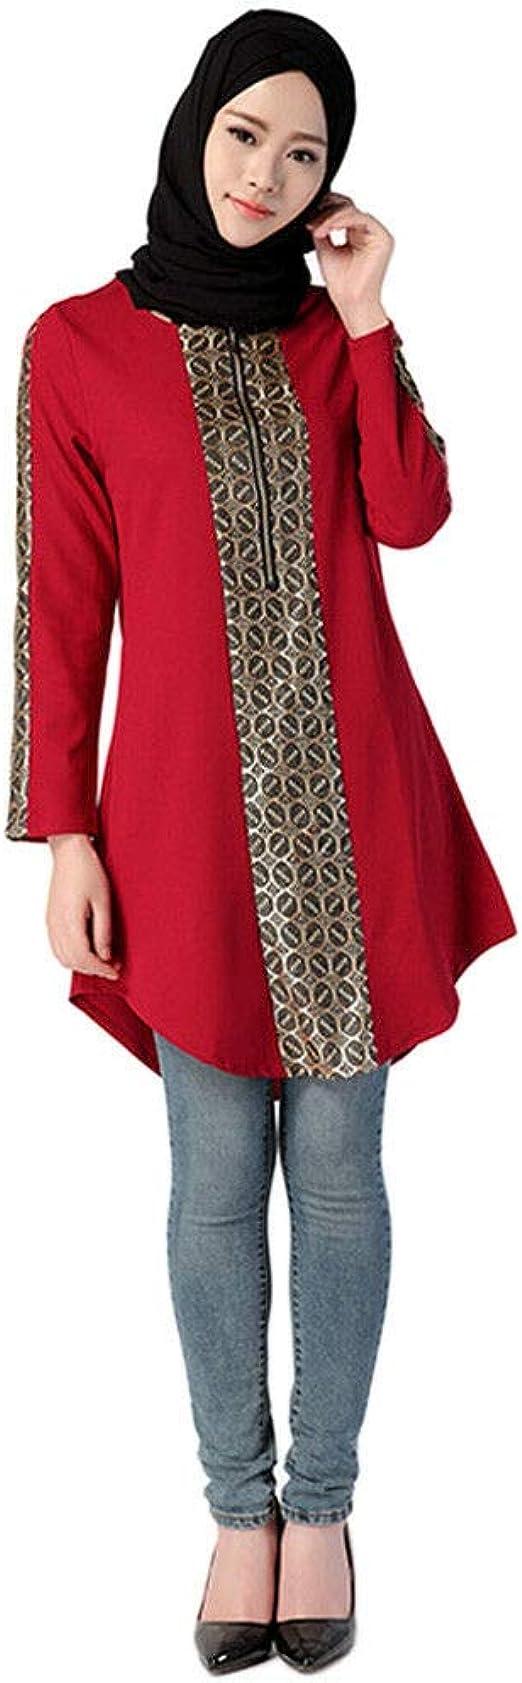 Meijunter Camisas de Mujer Musulmana - Camisa Arabe ...